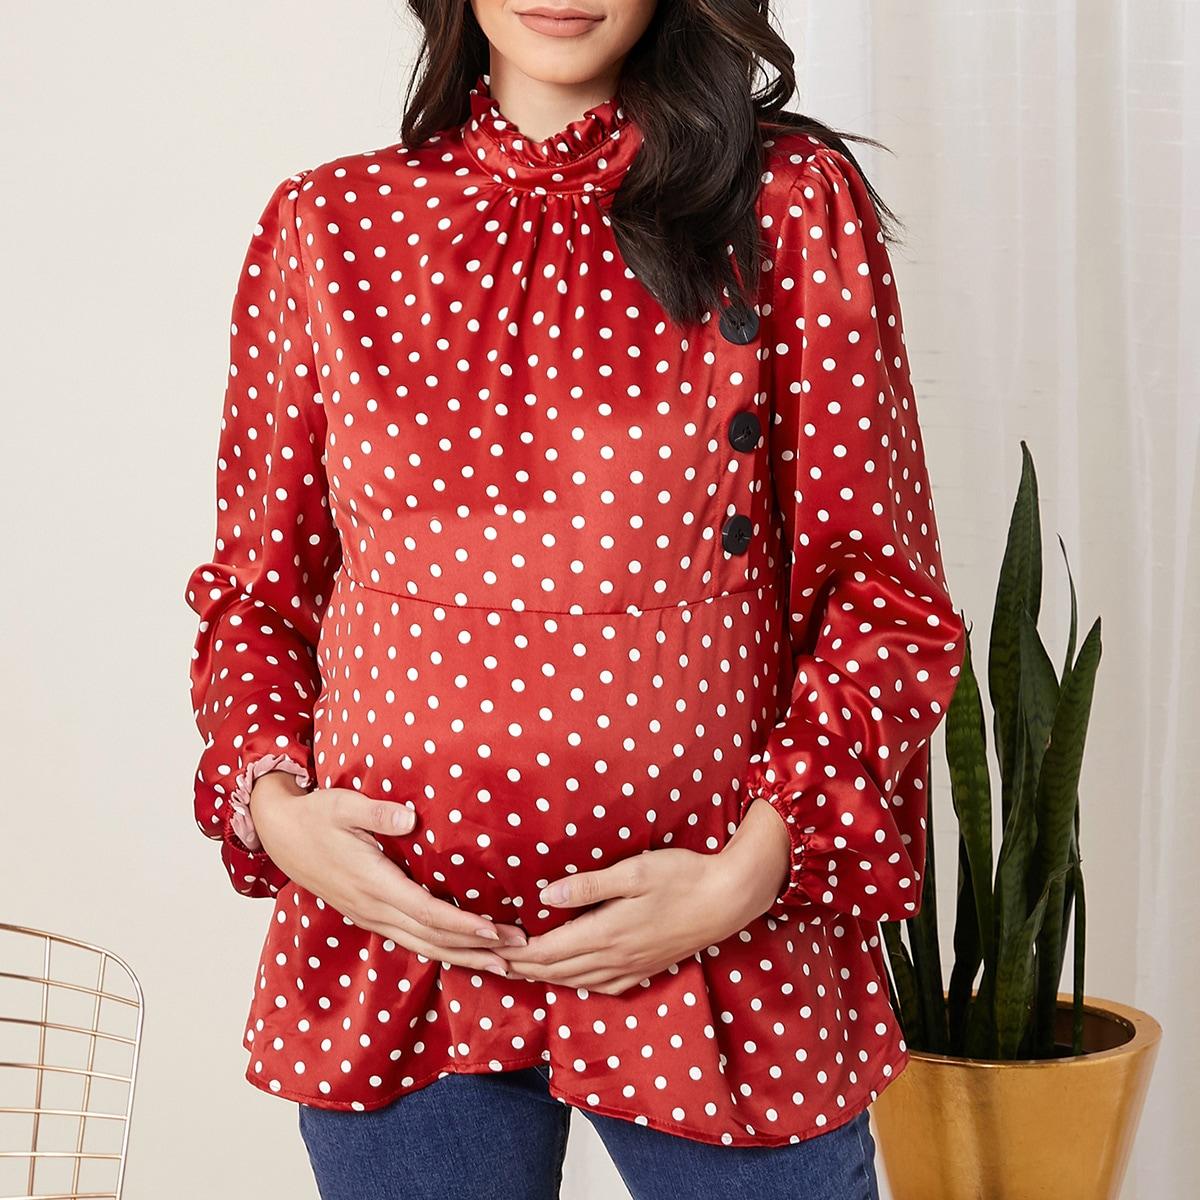 Топ в горошек с воротником-стойкой и рукавами фонариками для беременных